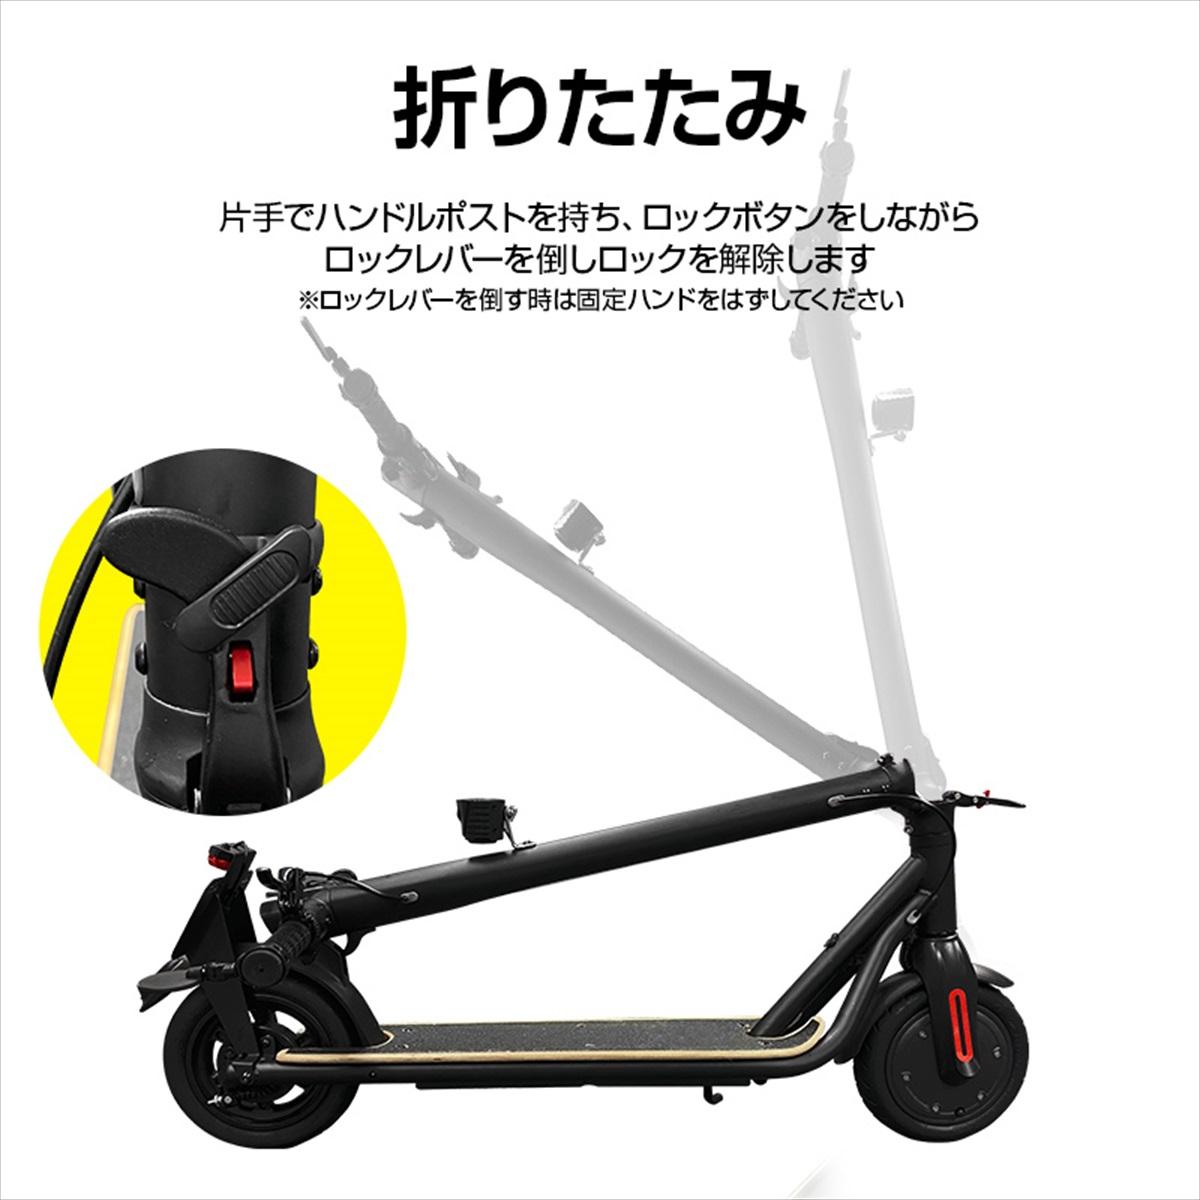 姫路でも買える!公道を走れる電動キックボードが販売開始